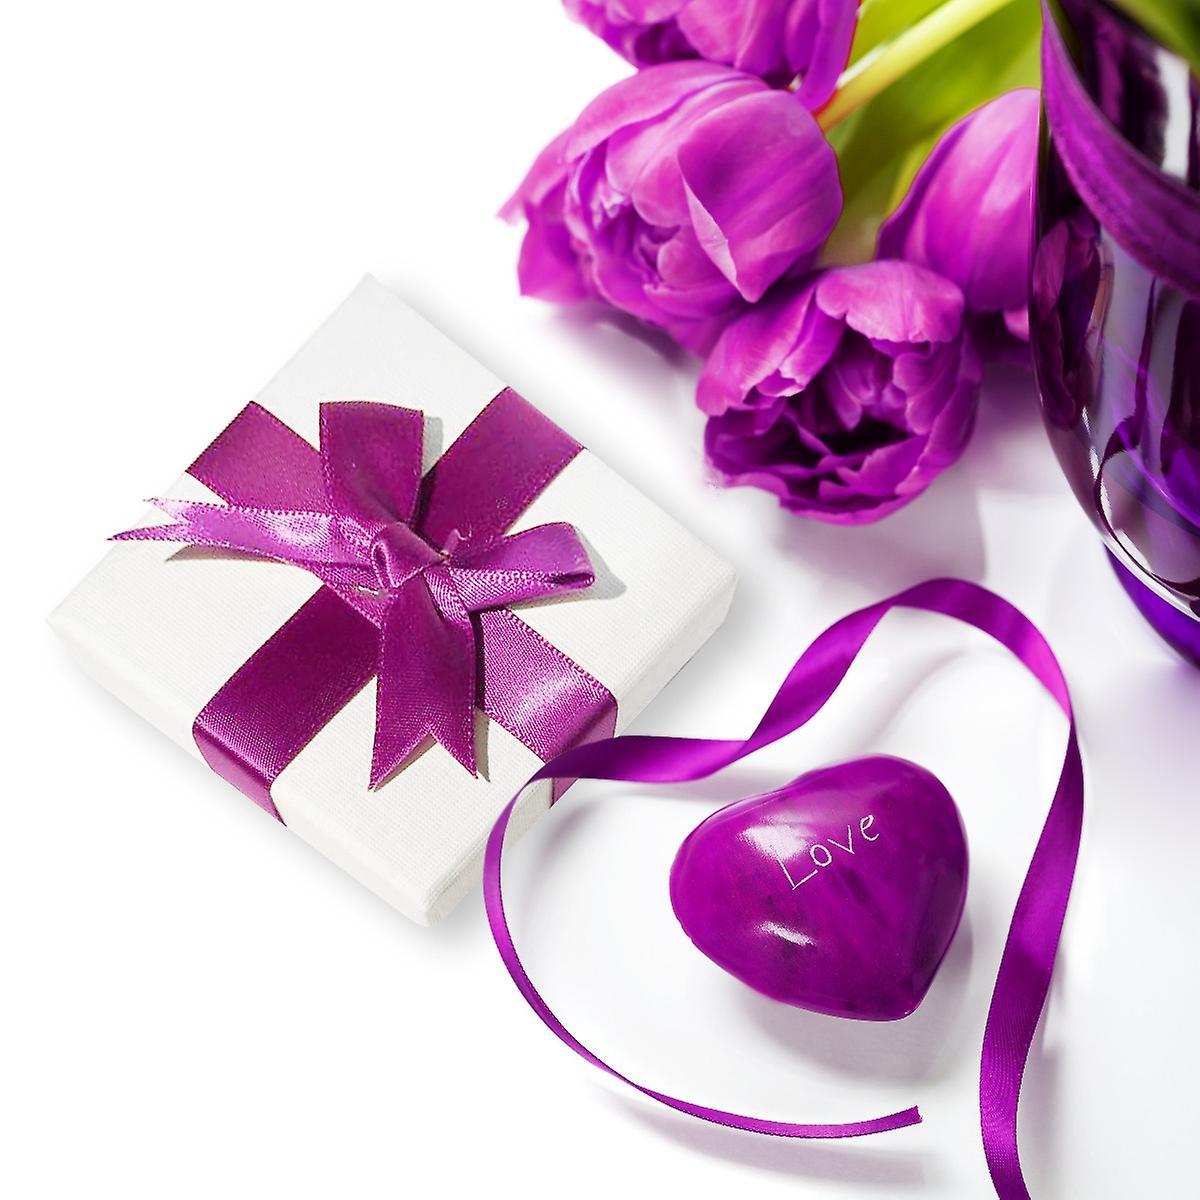 925 Sterling Silver Elegant Adjustable Love Knot Bracelet